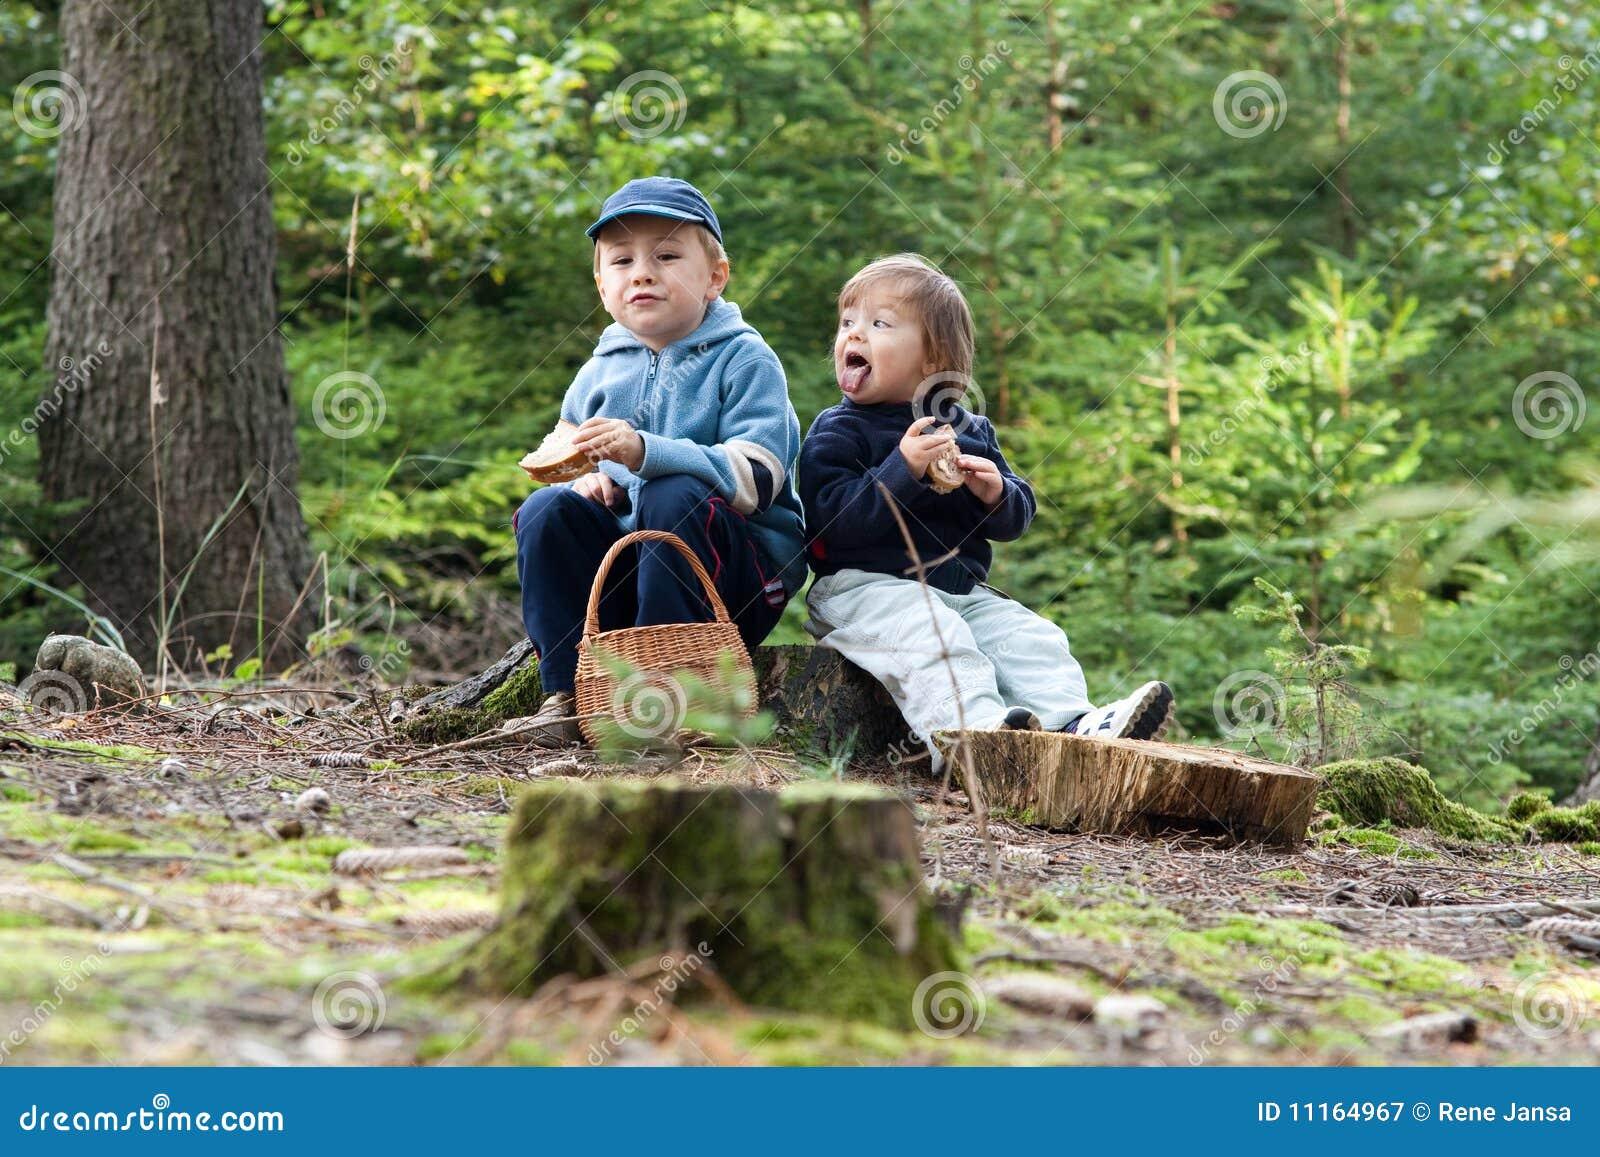 kinder die picknick essen lizenzfreie stockfotografie bild 11164967. Black Bedroom Furniture Sets. Home Design Ideas